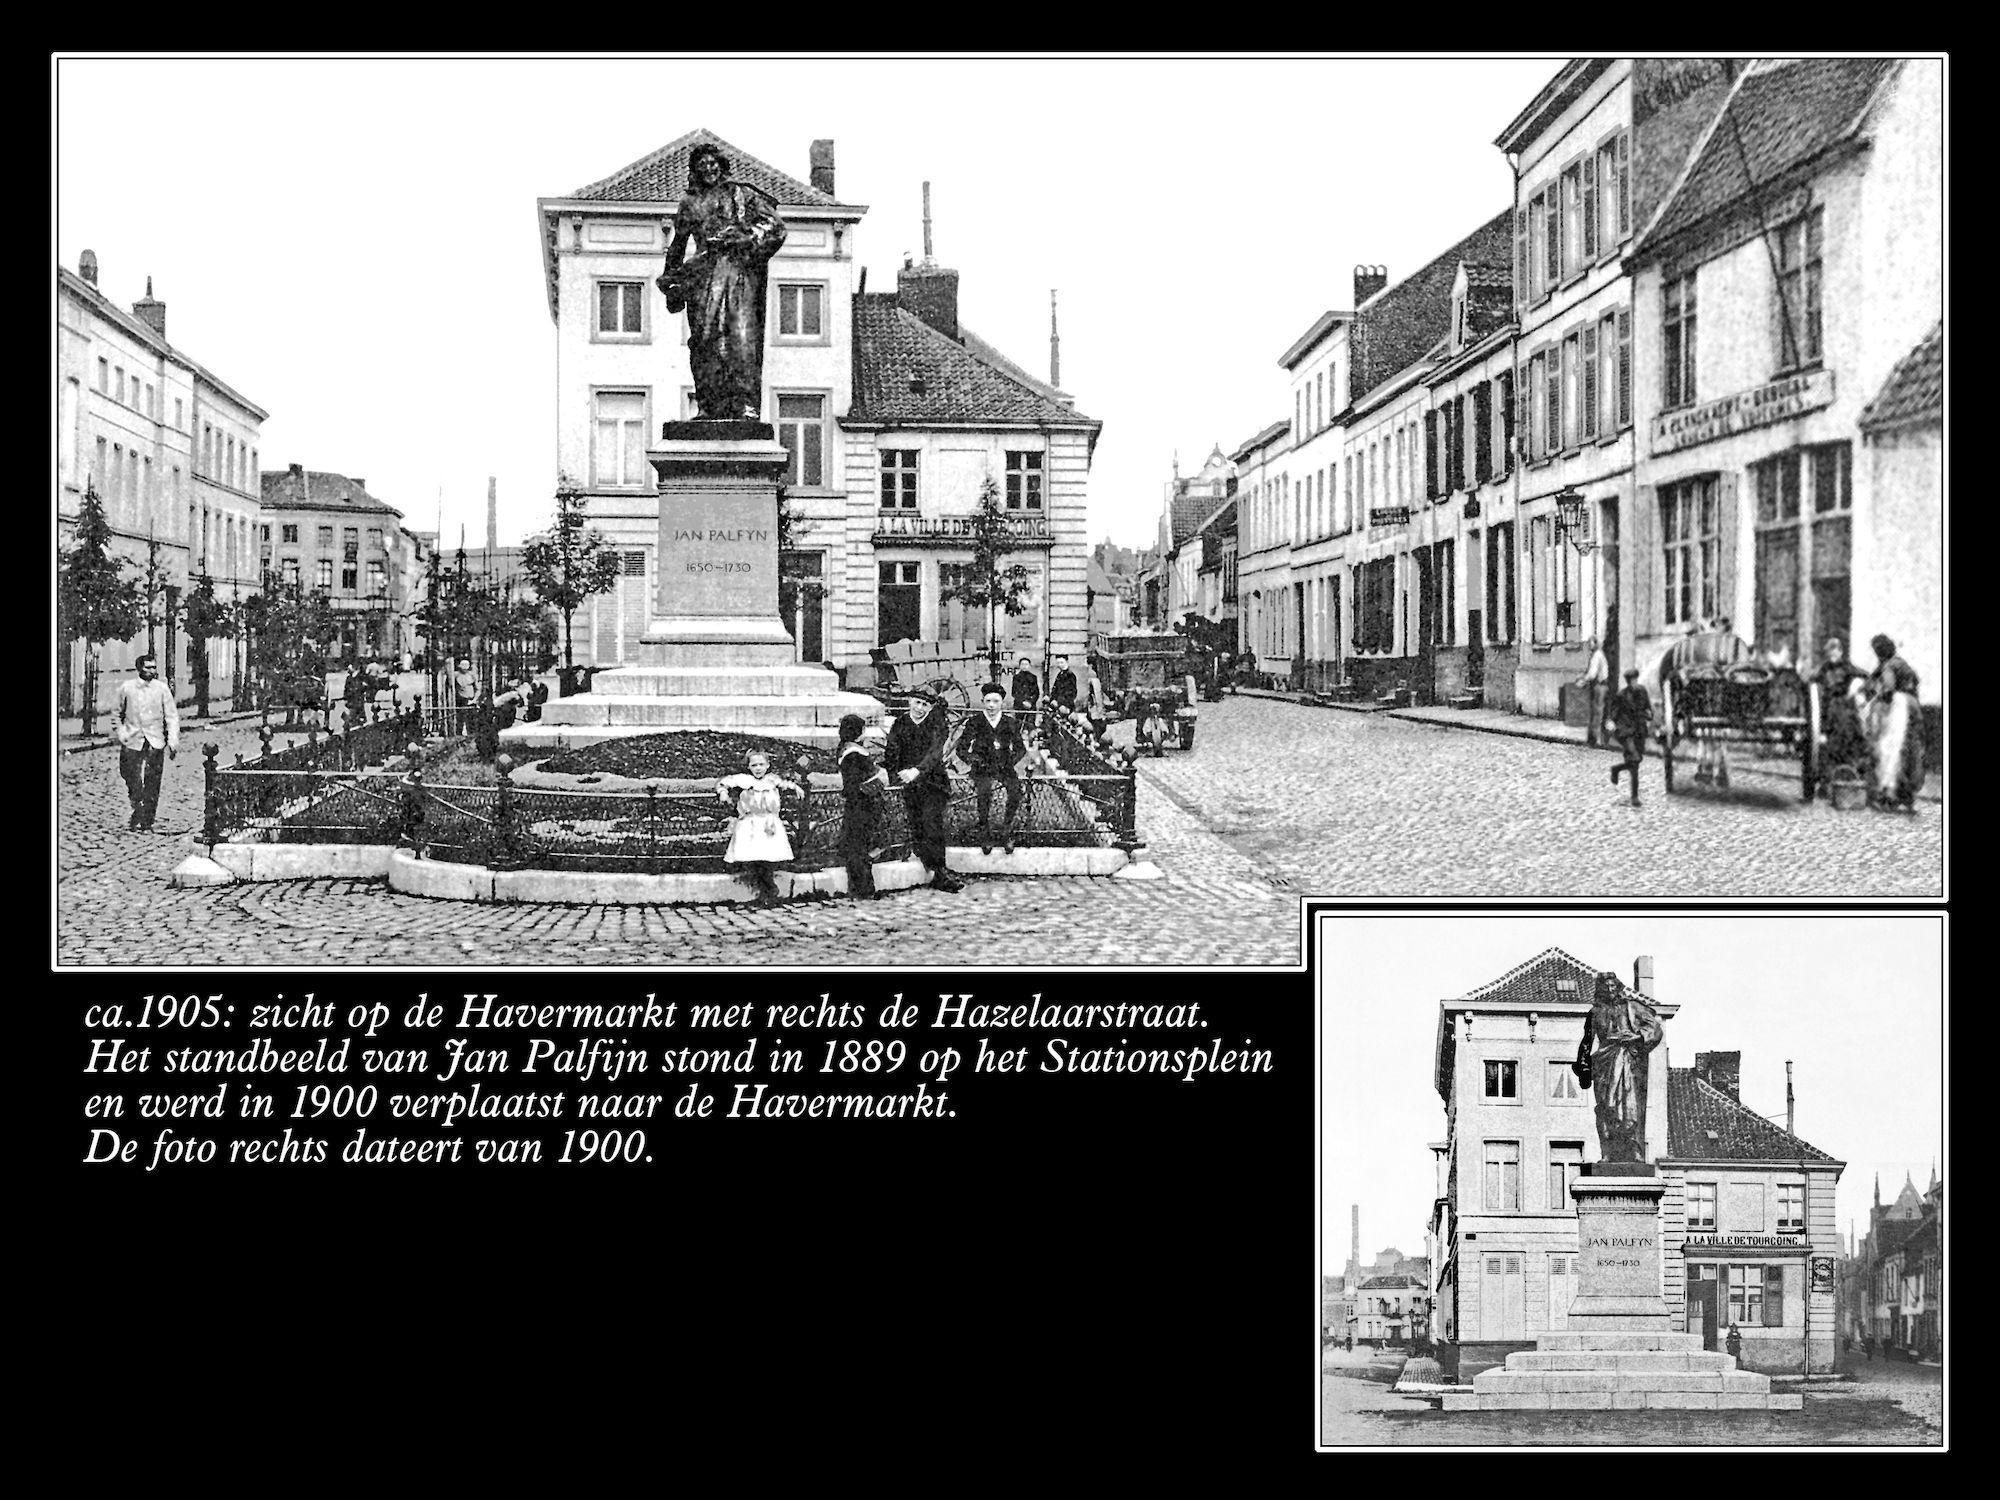 Havermarkt anno 1900 en 1905